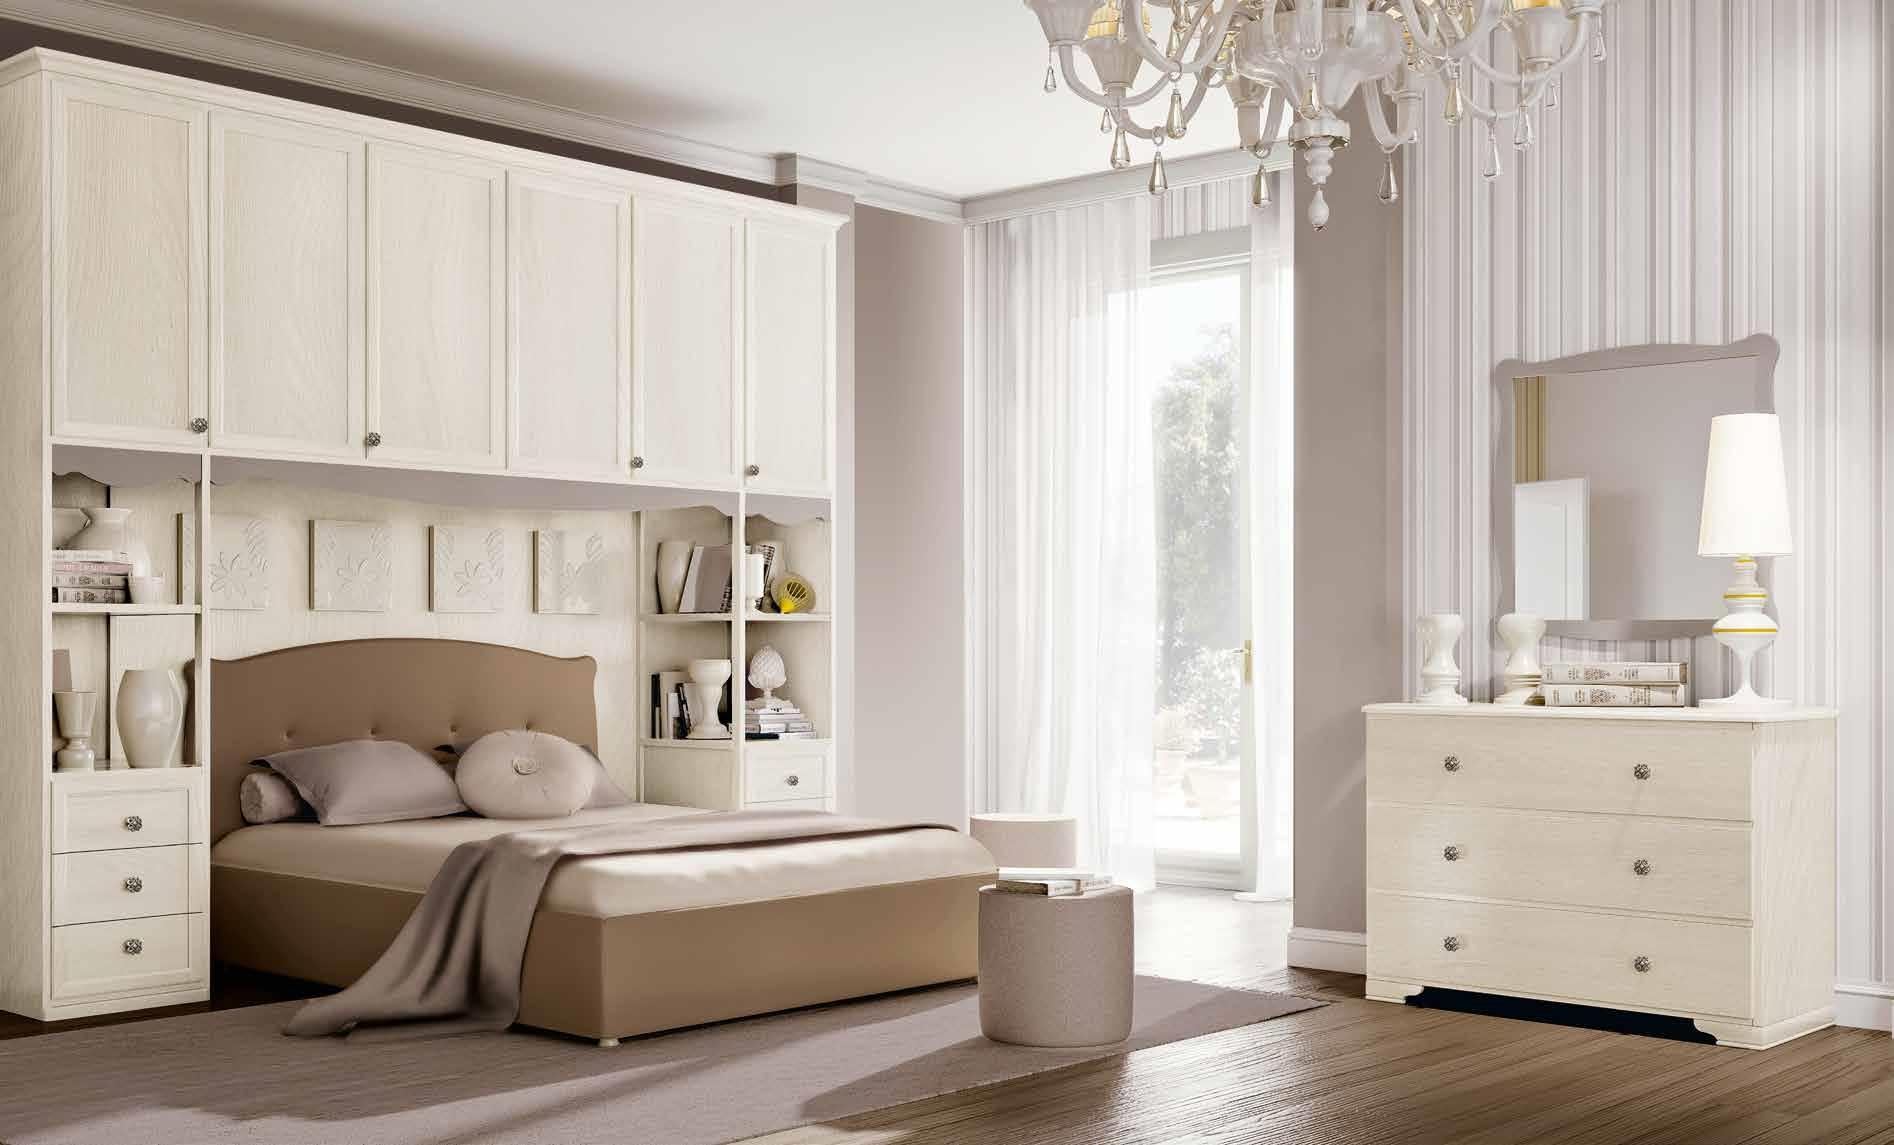 San michele camera dea provenzale legno camere a prezzi - Camera di letto completa ...